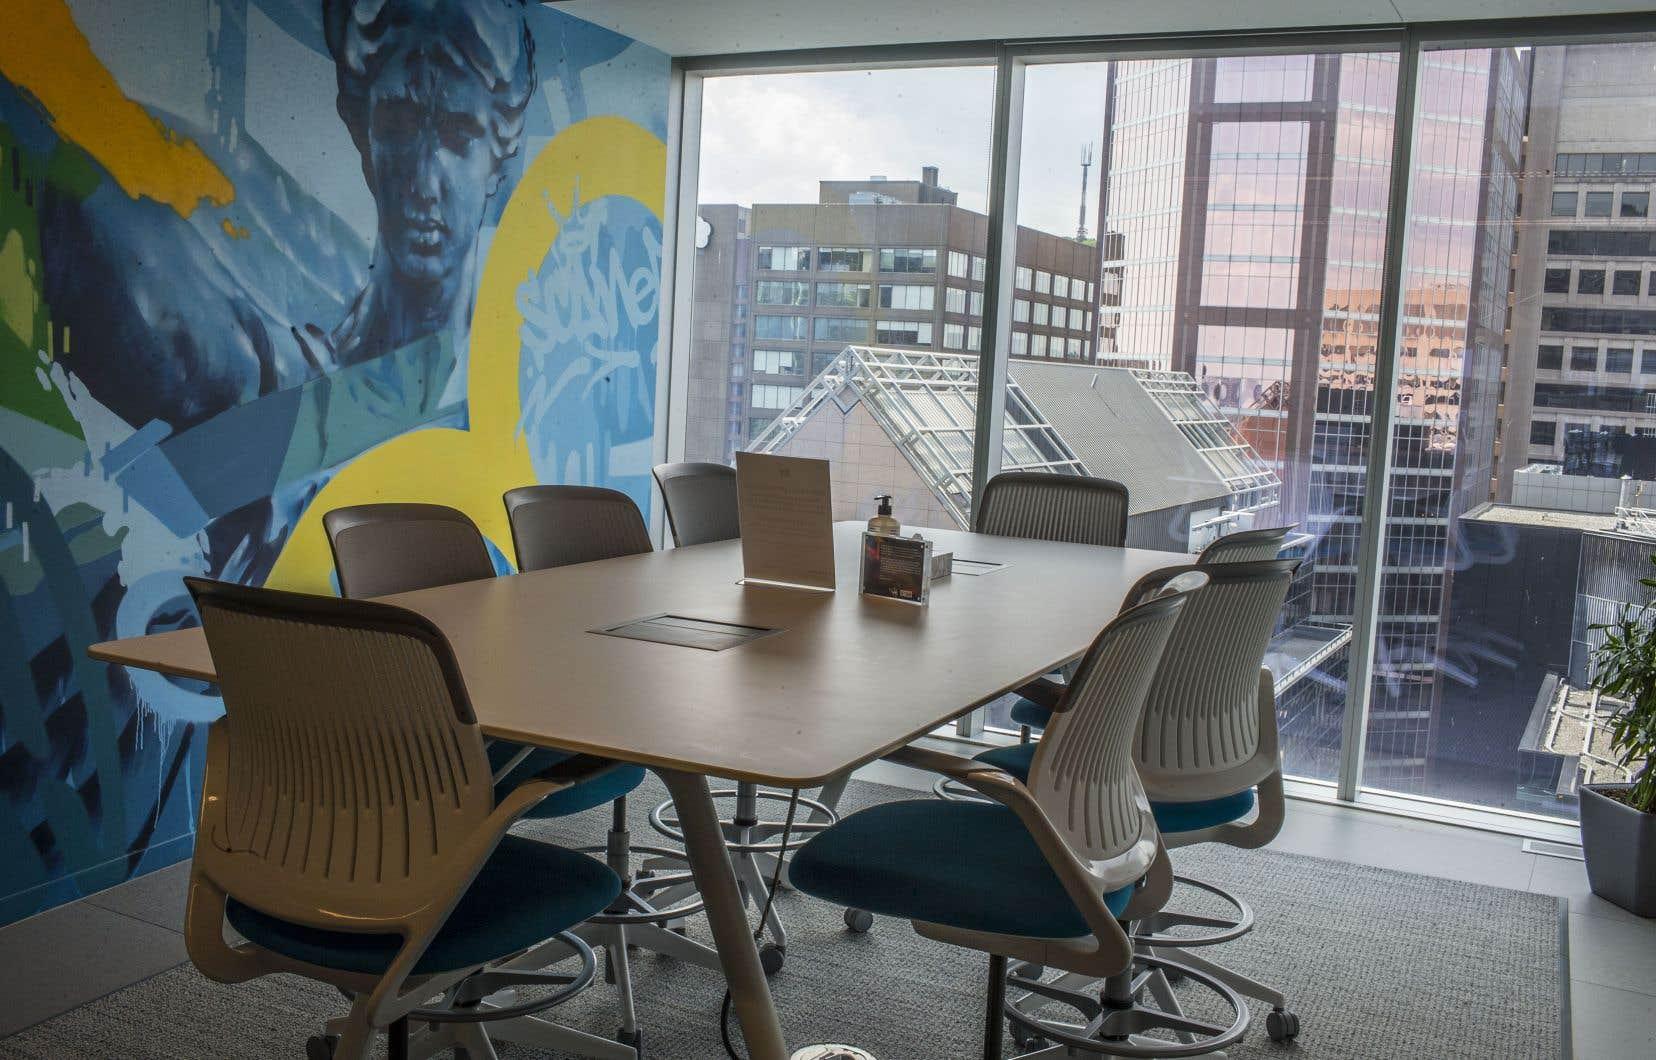 Au cabinet comptable EY Canada, dont le siège social se trouve au cœur de Montréal, une formule de travail alternant le domicile et le bureau était déjà en place bien avant la pandémie.